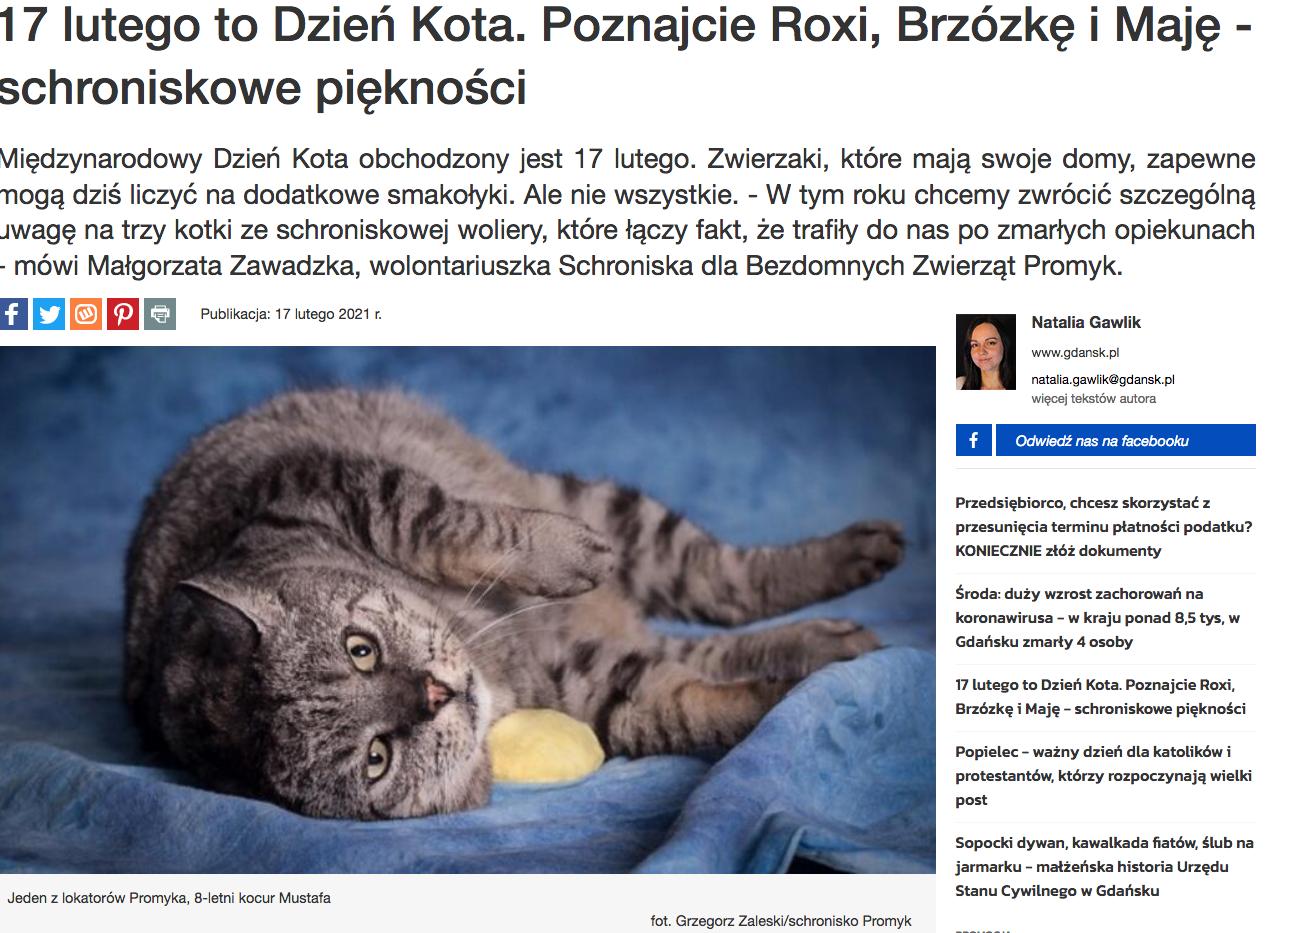 Screenshot_2021-02-17 17 lutego to Dzień Kota Poznajcie Roxi, Brzózkę i Maję - schroniskowe piękności